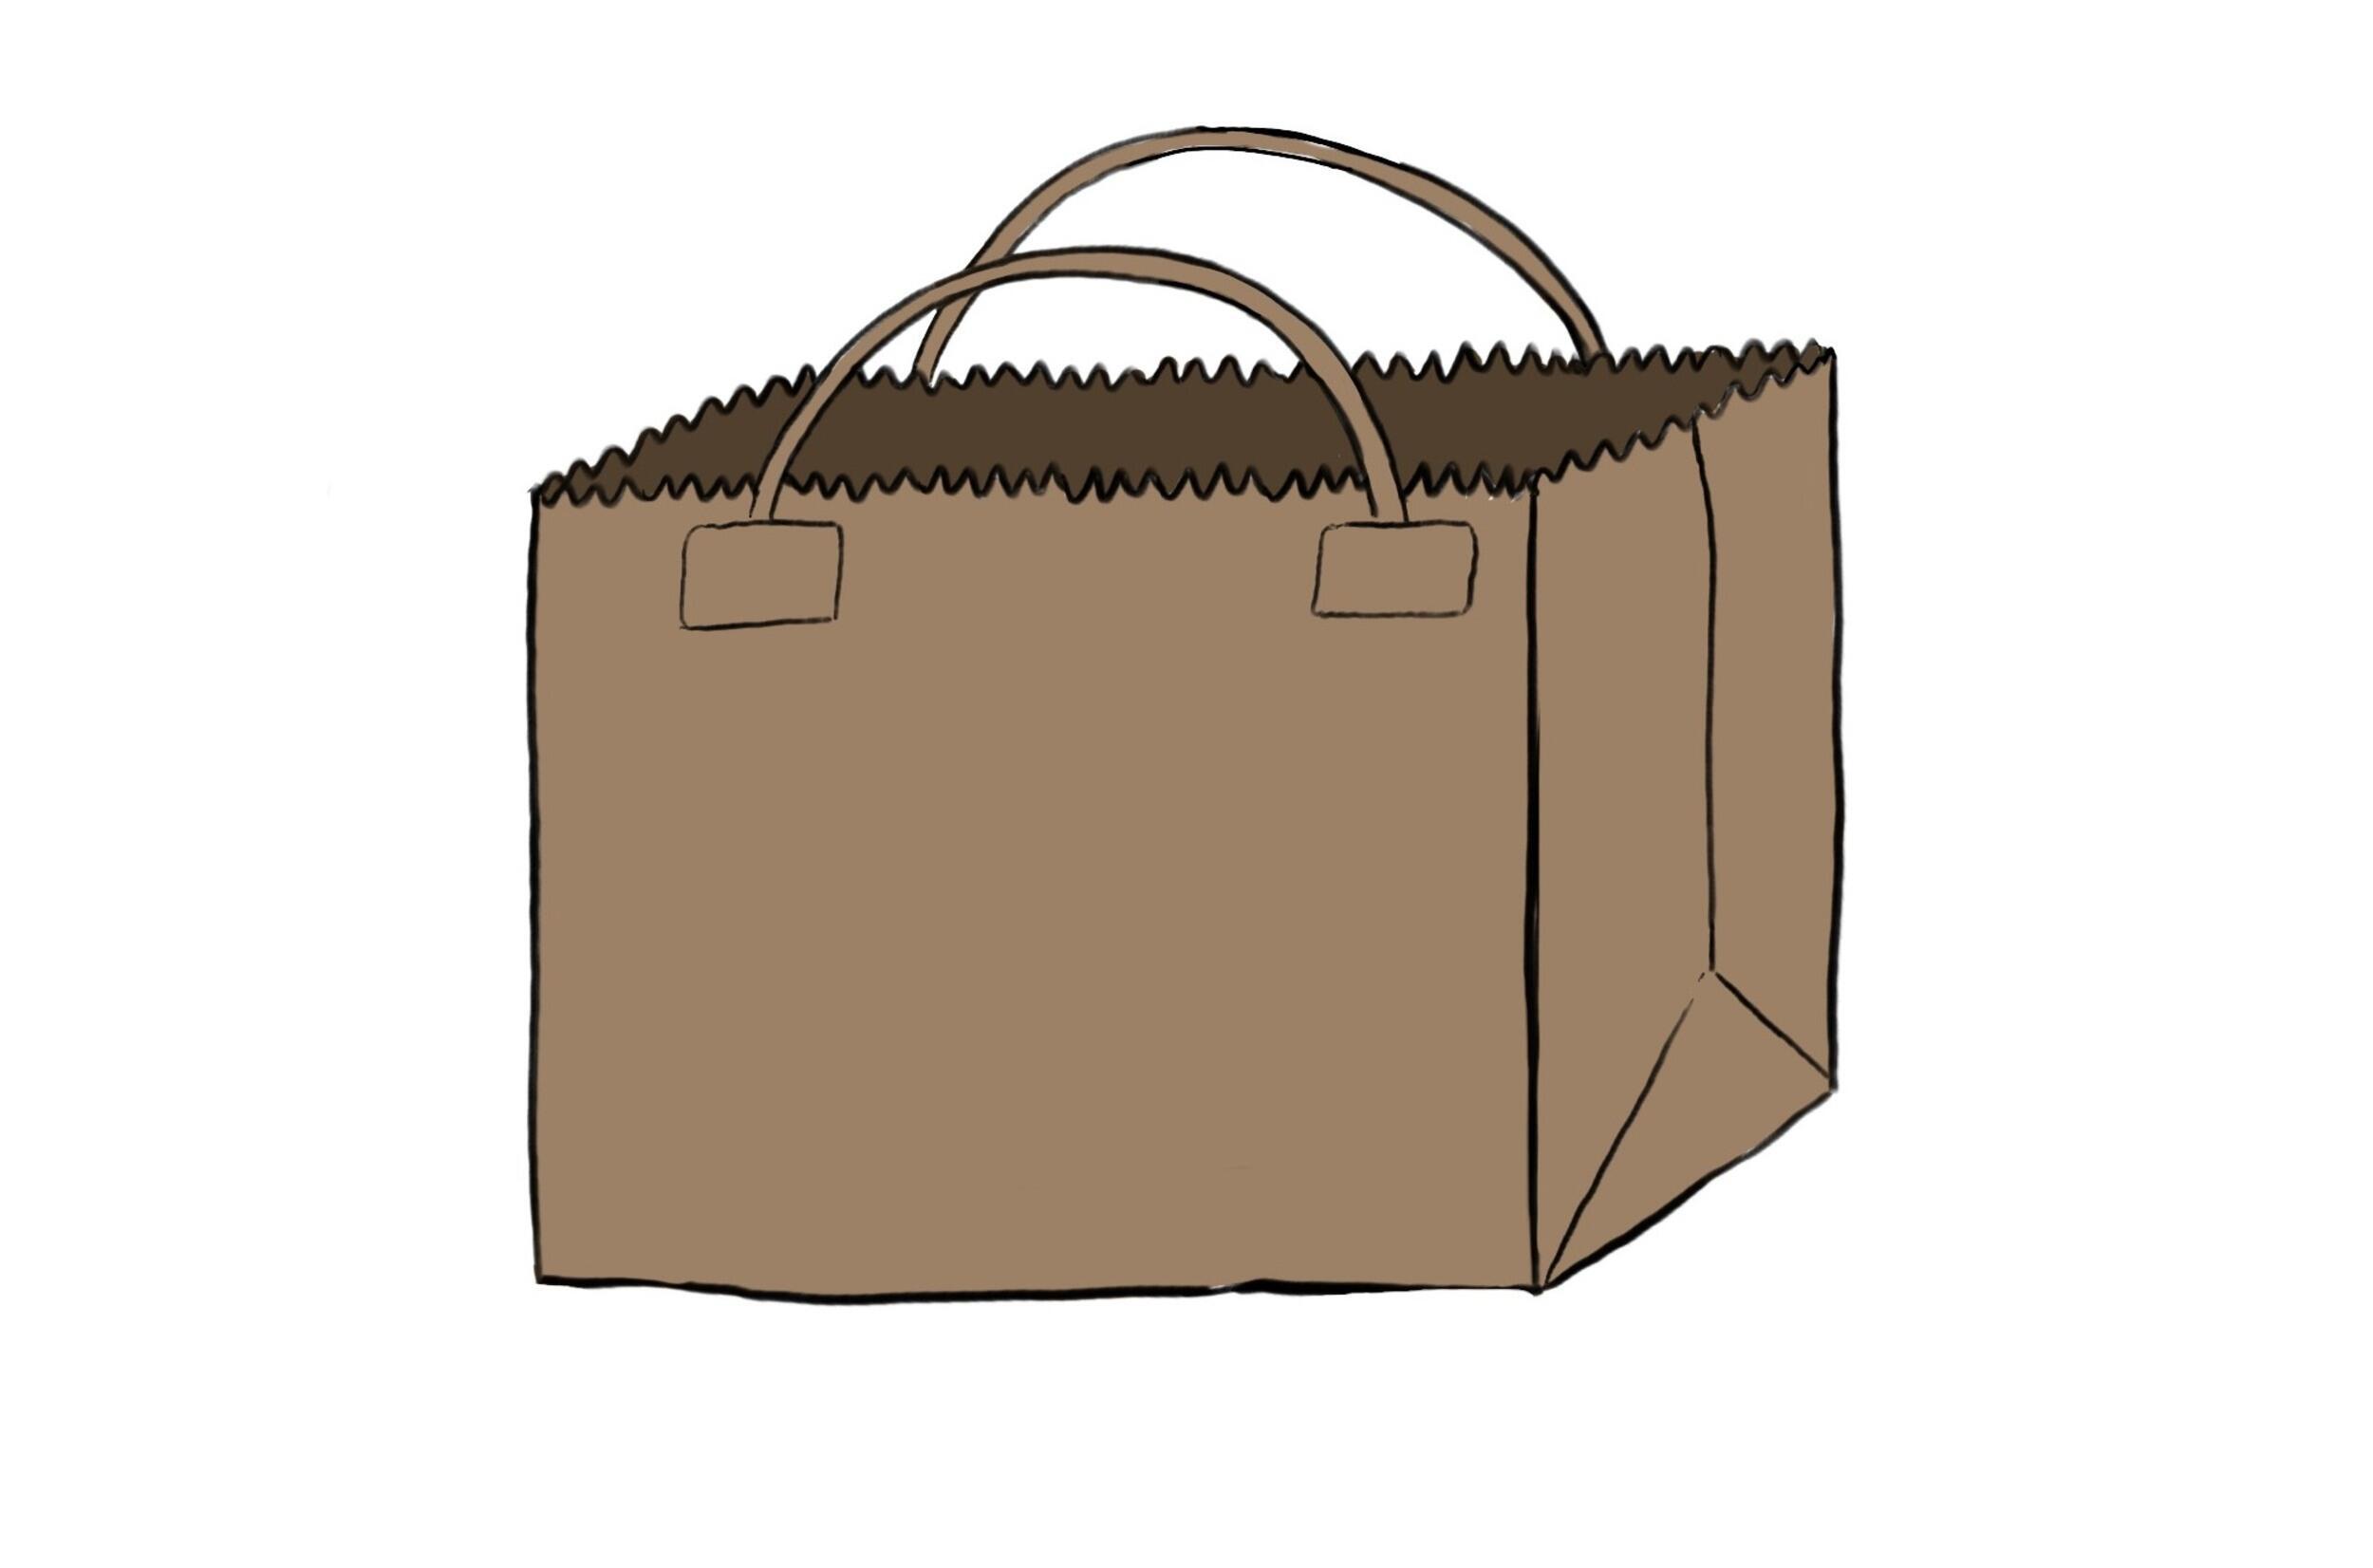 Ilustración de una bolsa de papel marrón